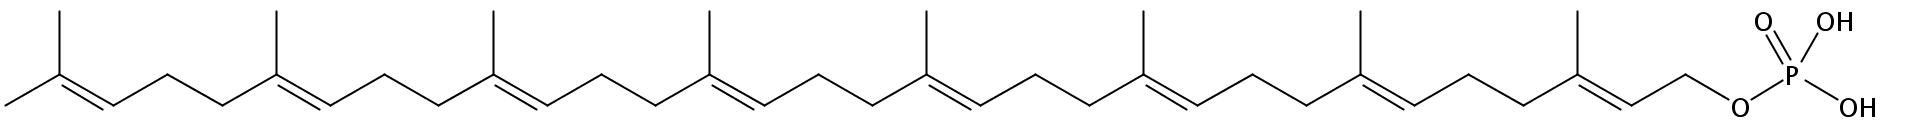 Octaprenyl-MPDA